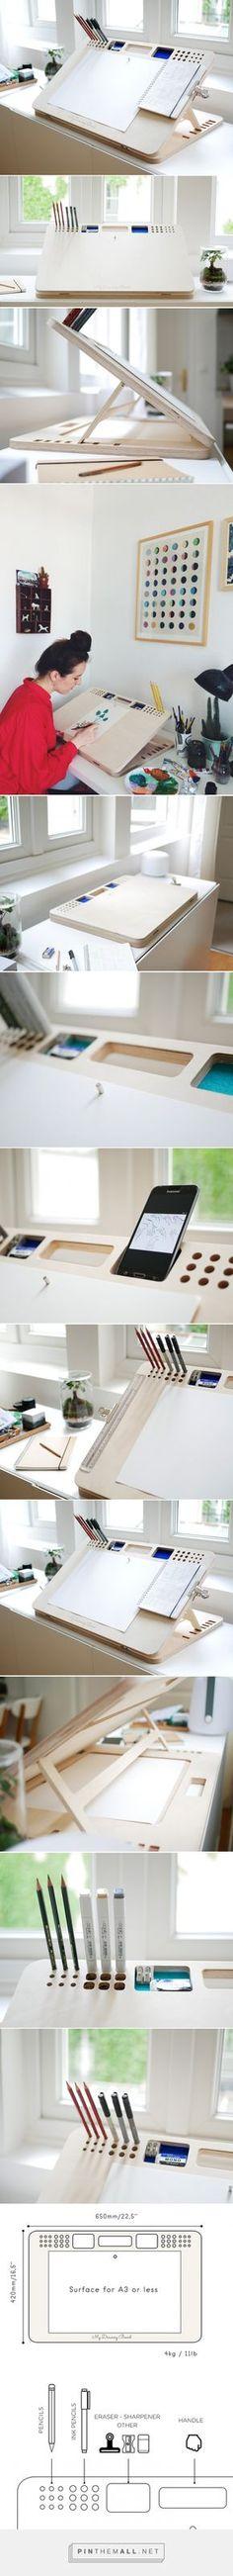 My Drawing Board la table à dessin par Benjamin Benais - Blog Esprit Design